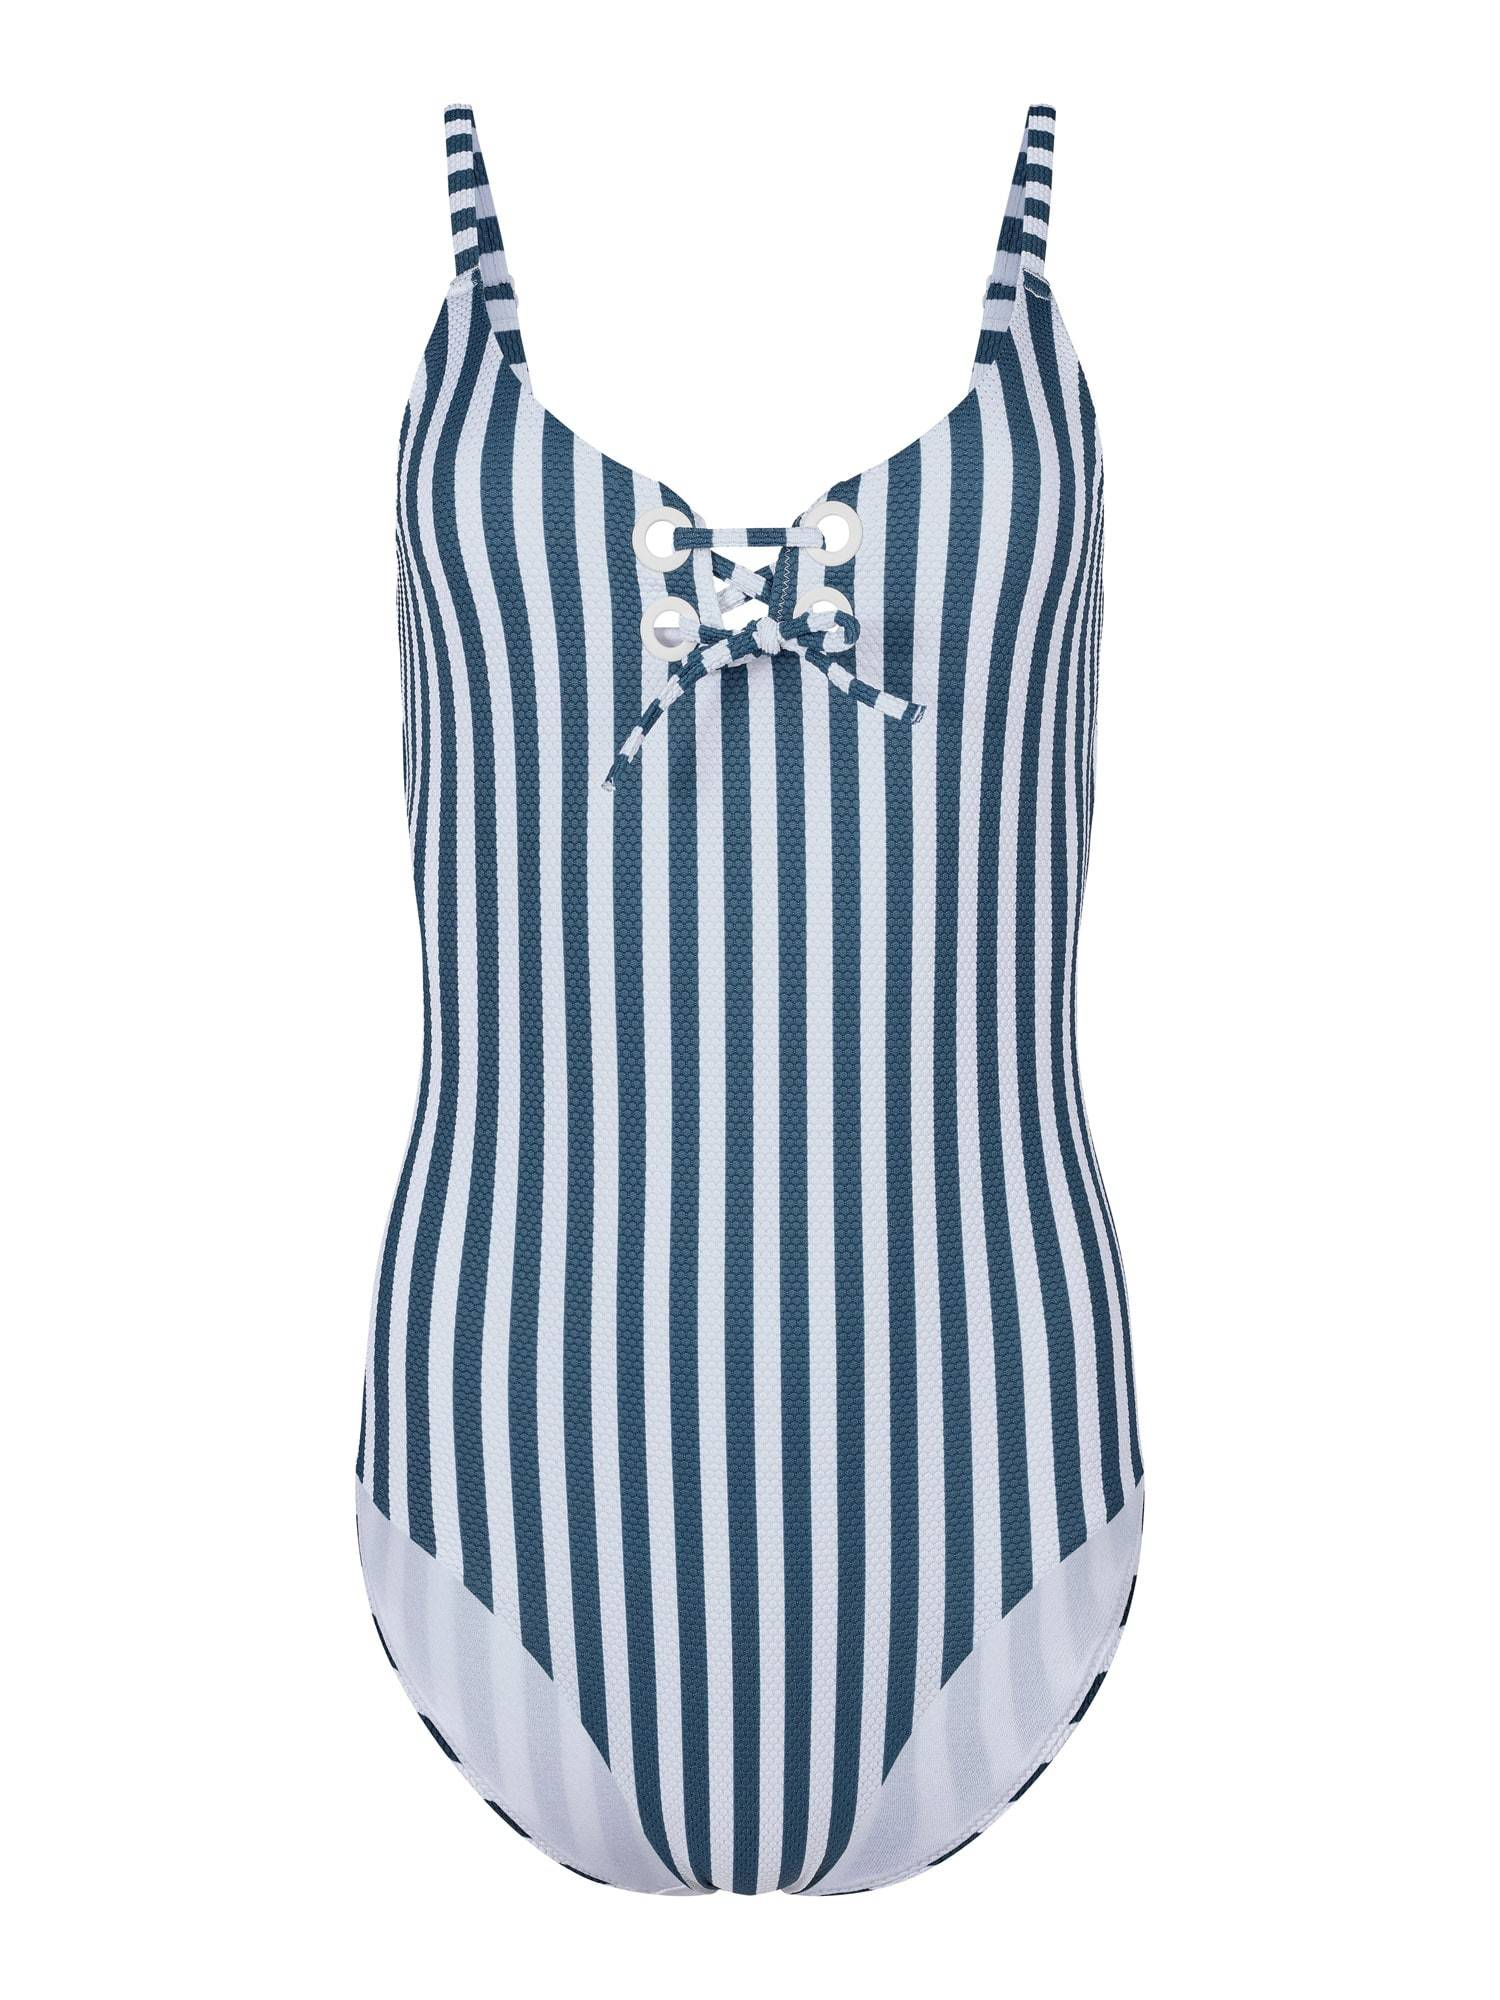 Skiny Maillot de bain 'Surf Girl'  - Bleu - Taille: 38 - female